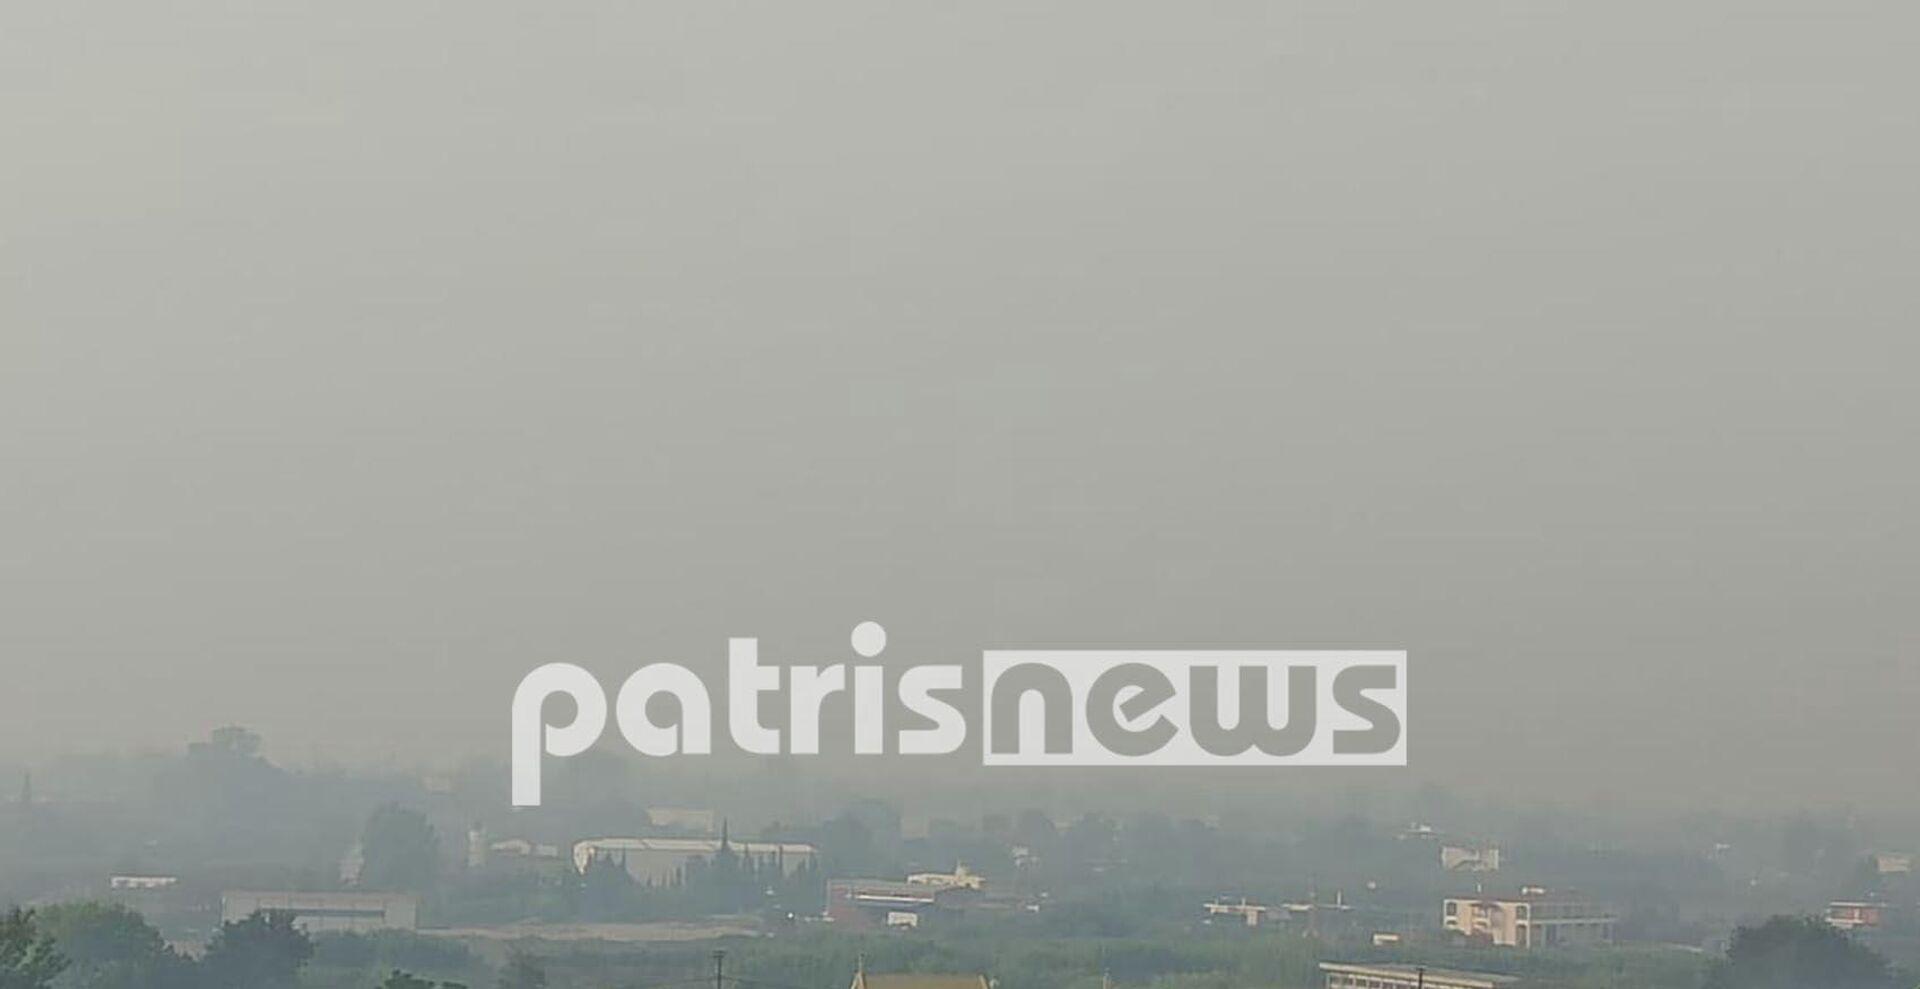 Πύργος: Αποπνικτική η ατμόσφαιρα λόγω των φωτιών στη Γορτυνία - Sputnik Ελλάδα, 1920, 11.08.2021